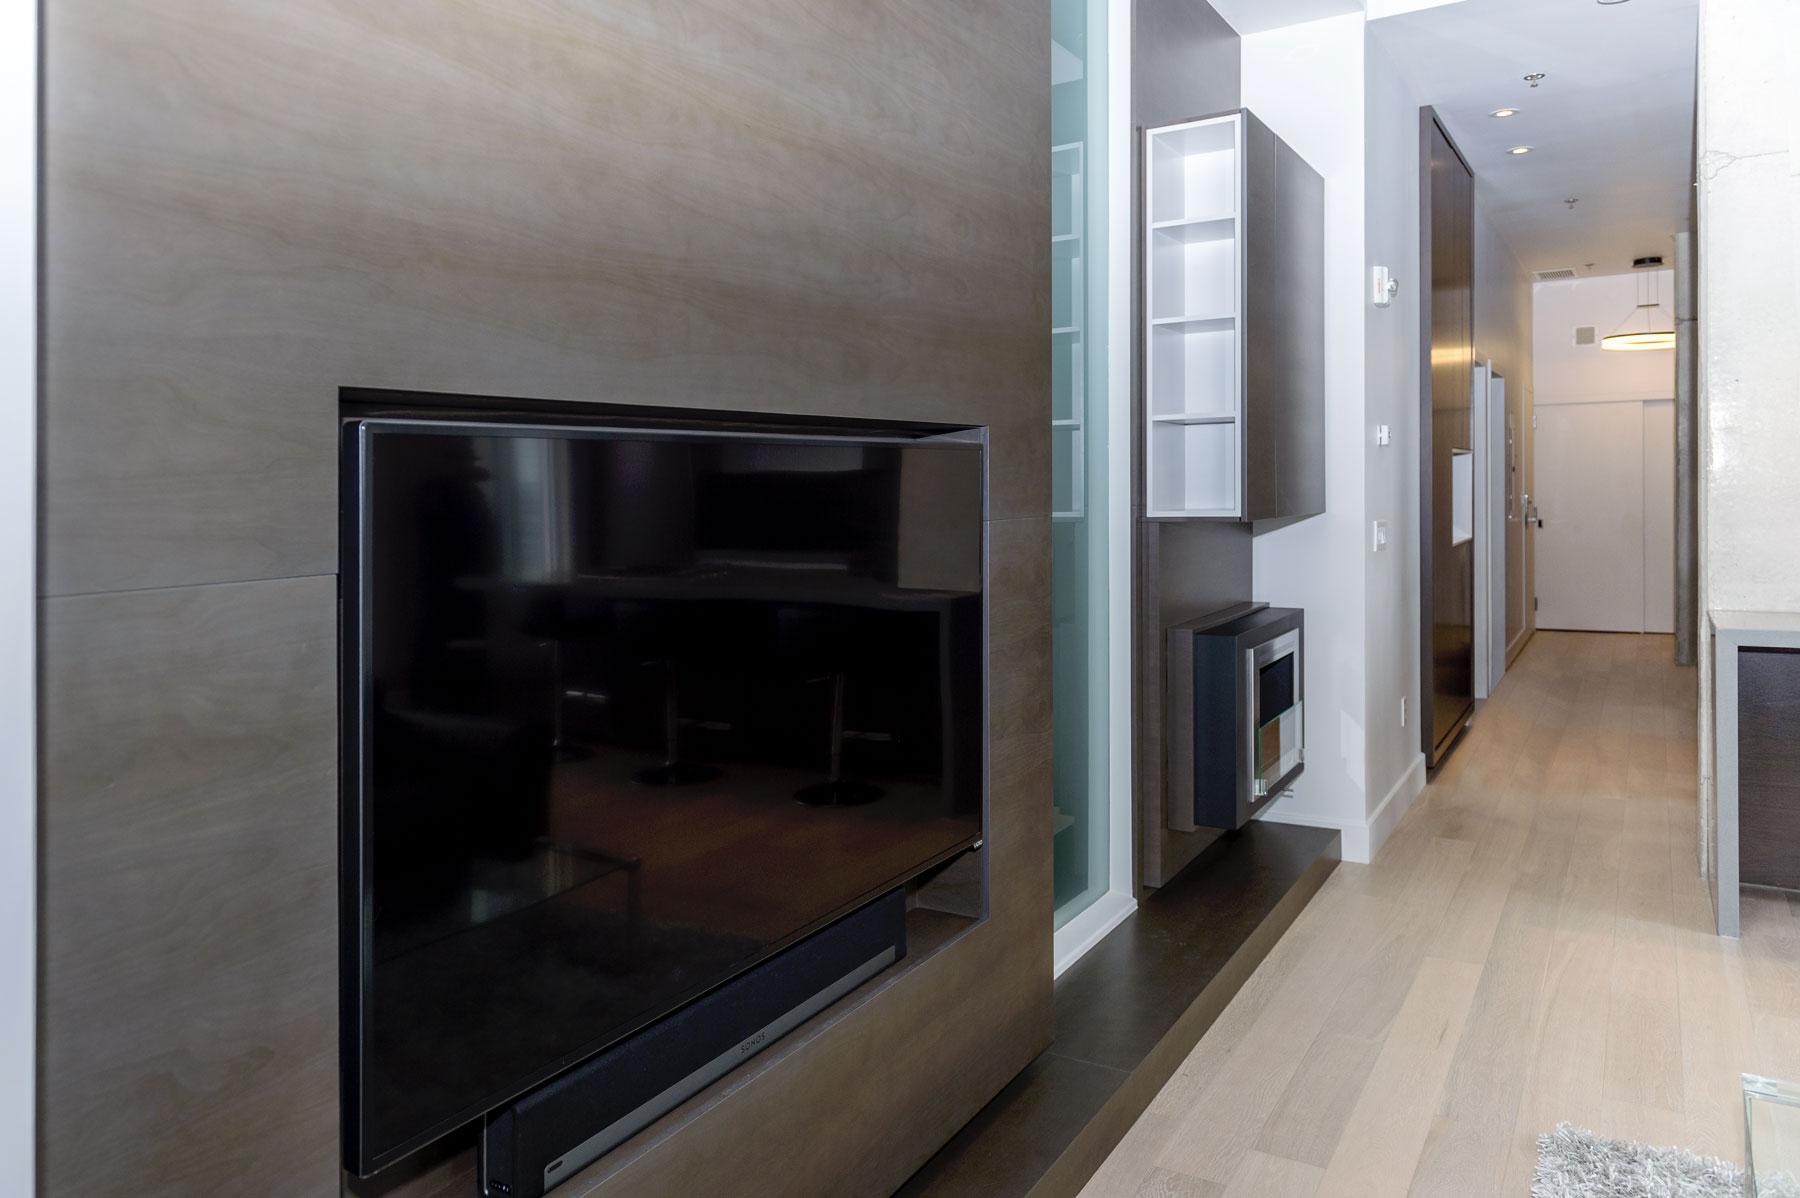 Mobilier de salon de type unité mural en placage de noyer noir avec téléviseur intégré